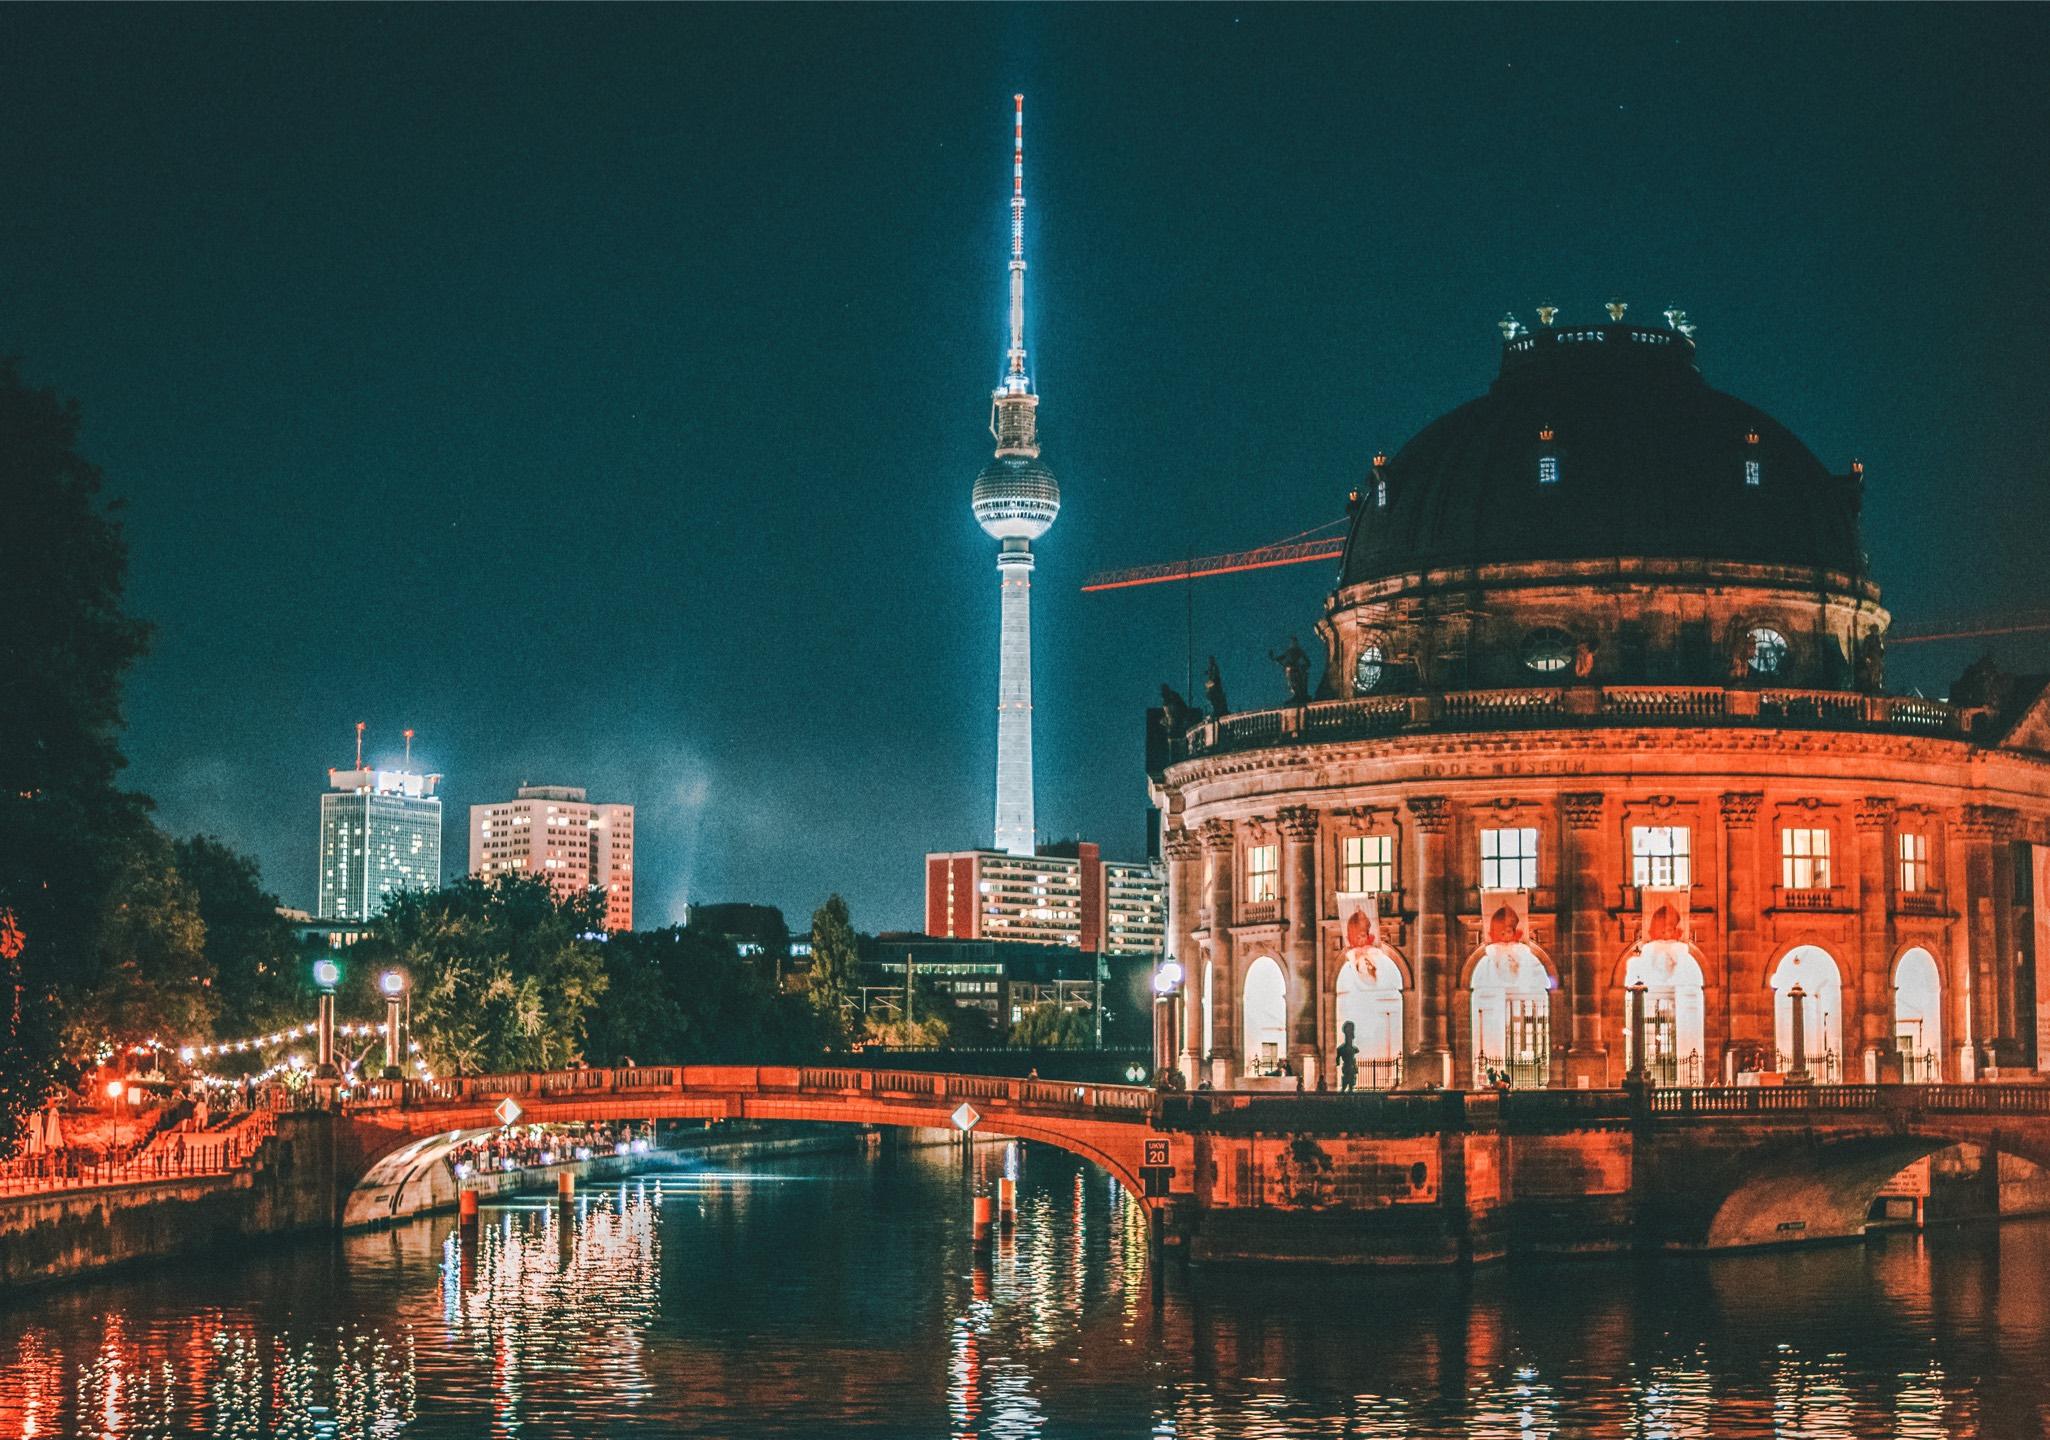 BERLIJN CITY GUIDE : 29 X TOFFE HOTSPOTS IN BERLIJN OM TE ONTDEKKEN